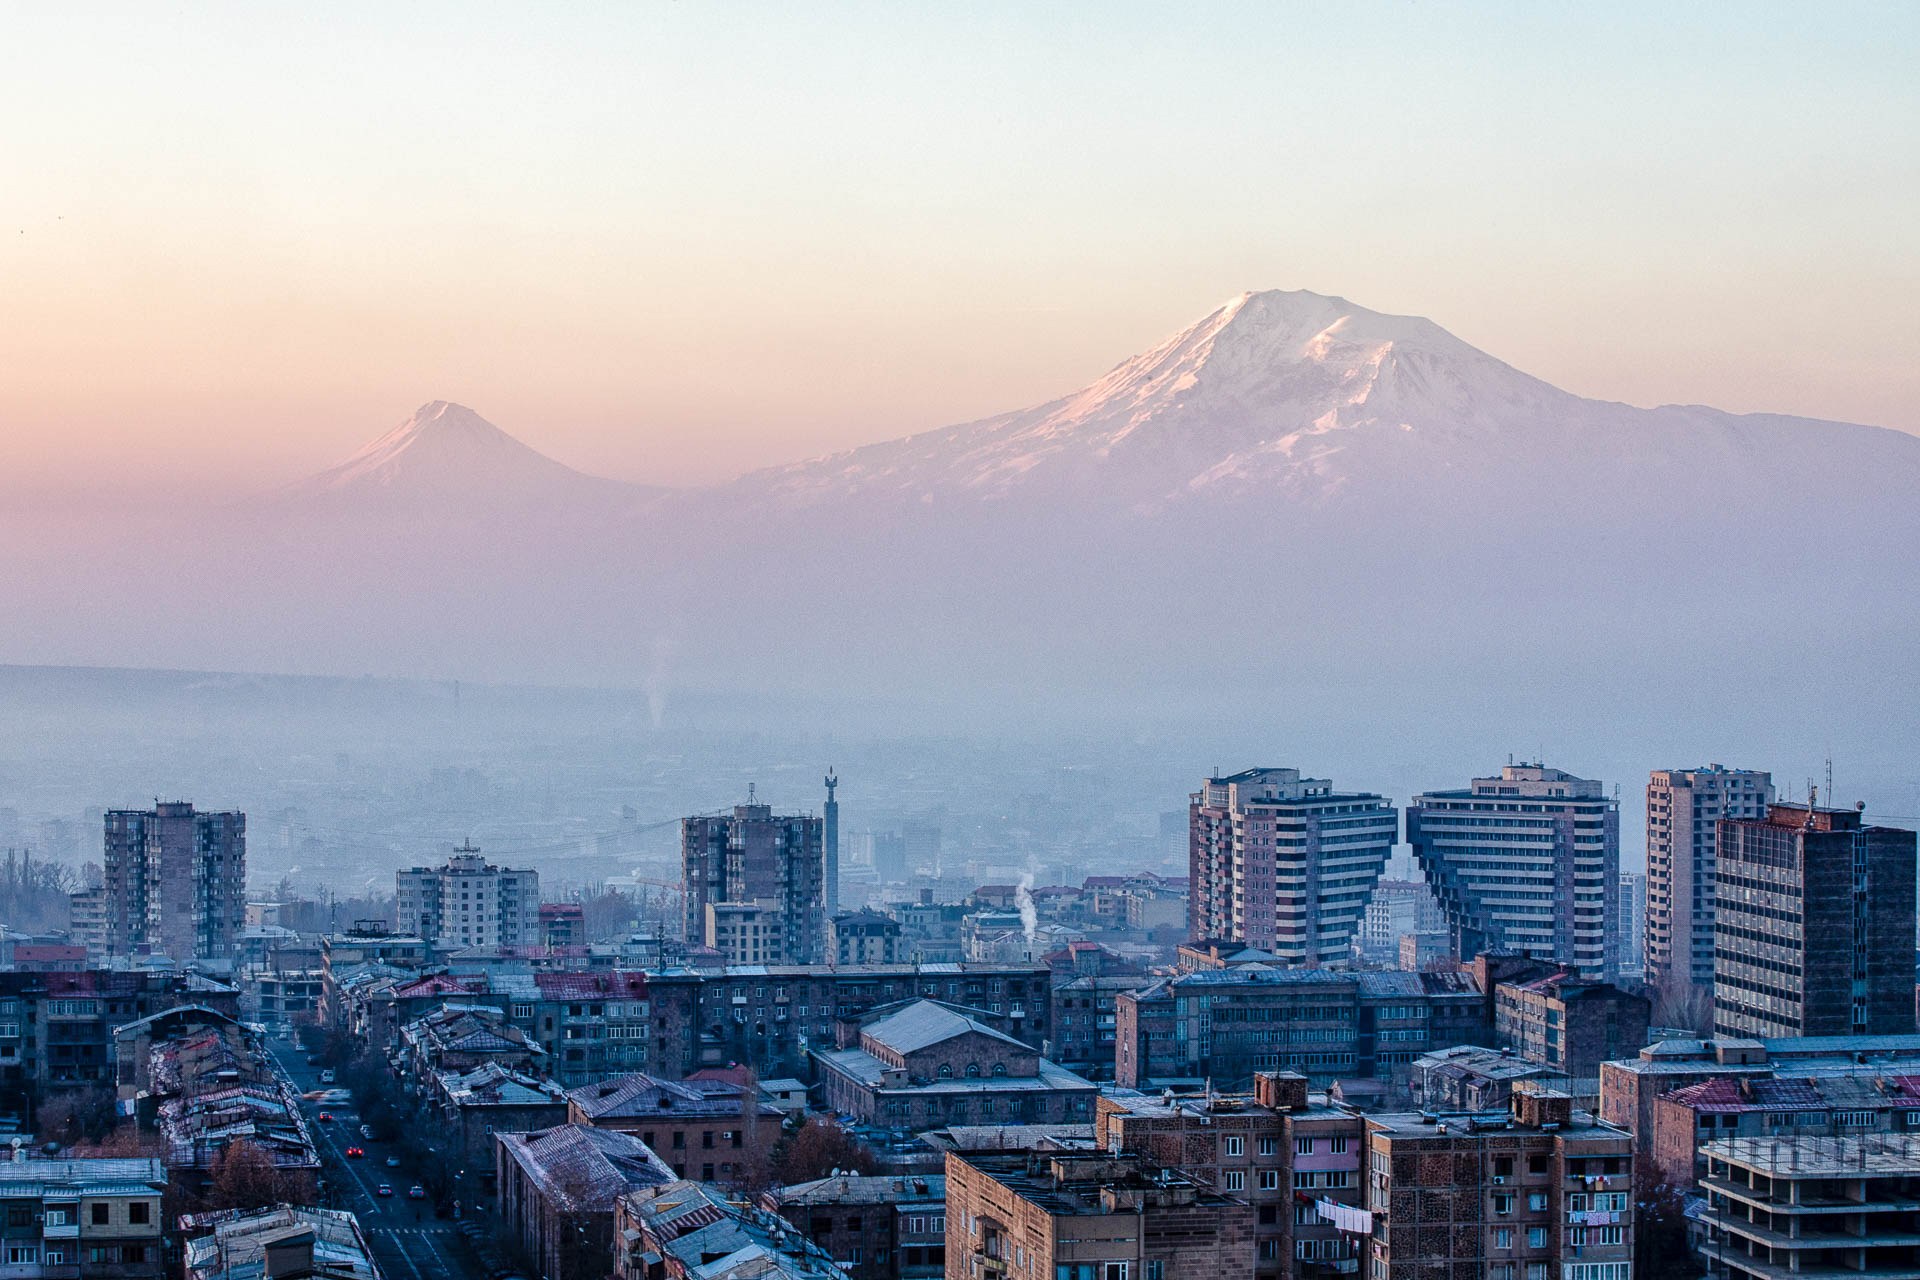 Ville rose où règnent encore les vestiges d'une longue période d'architecture soviétique, destination encore confidentielle du Caucase, Everan (ou Yerevan) mérite que l'on s'y arrête. Découvrez nos meilleures adresses pour une escale de 72 heures dans la capitale d'Arménie.